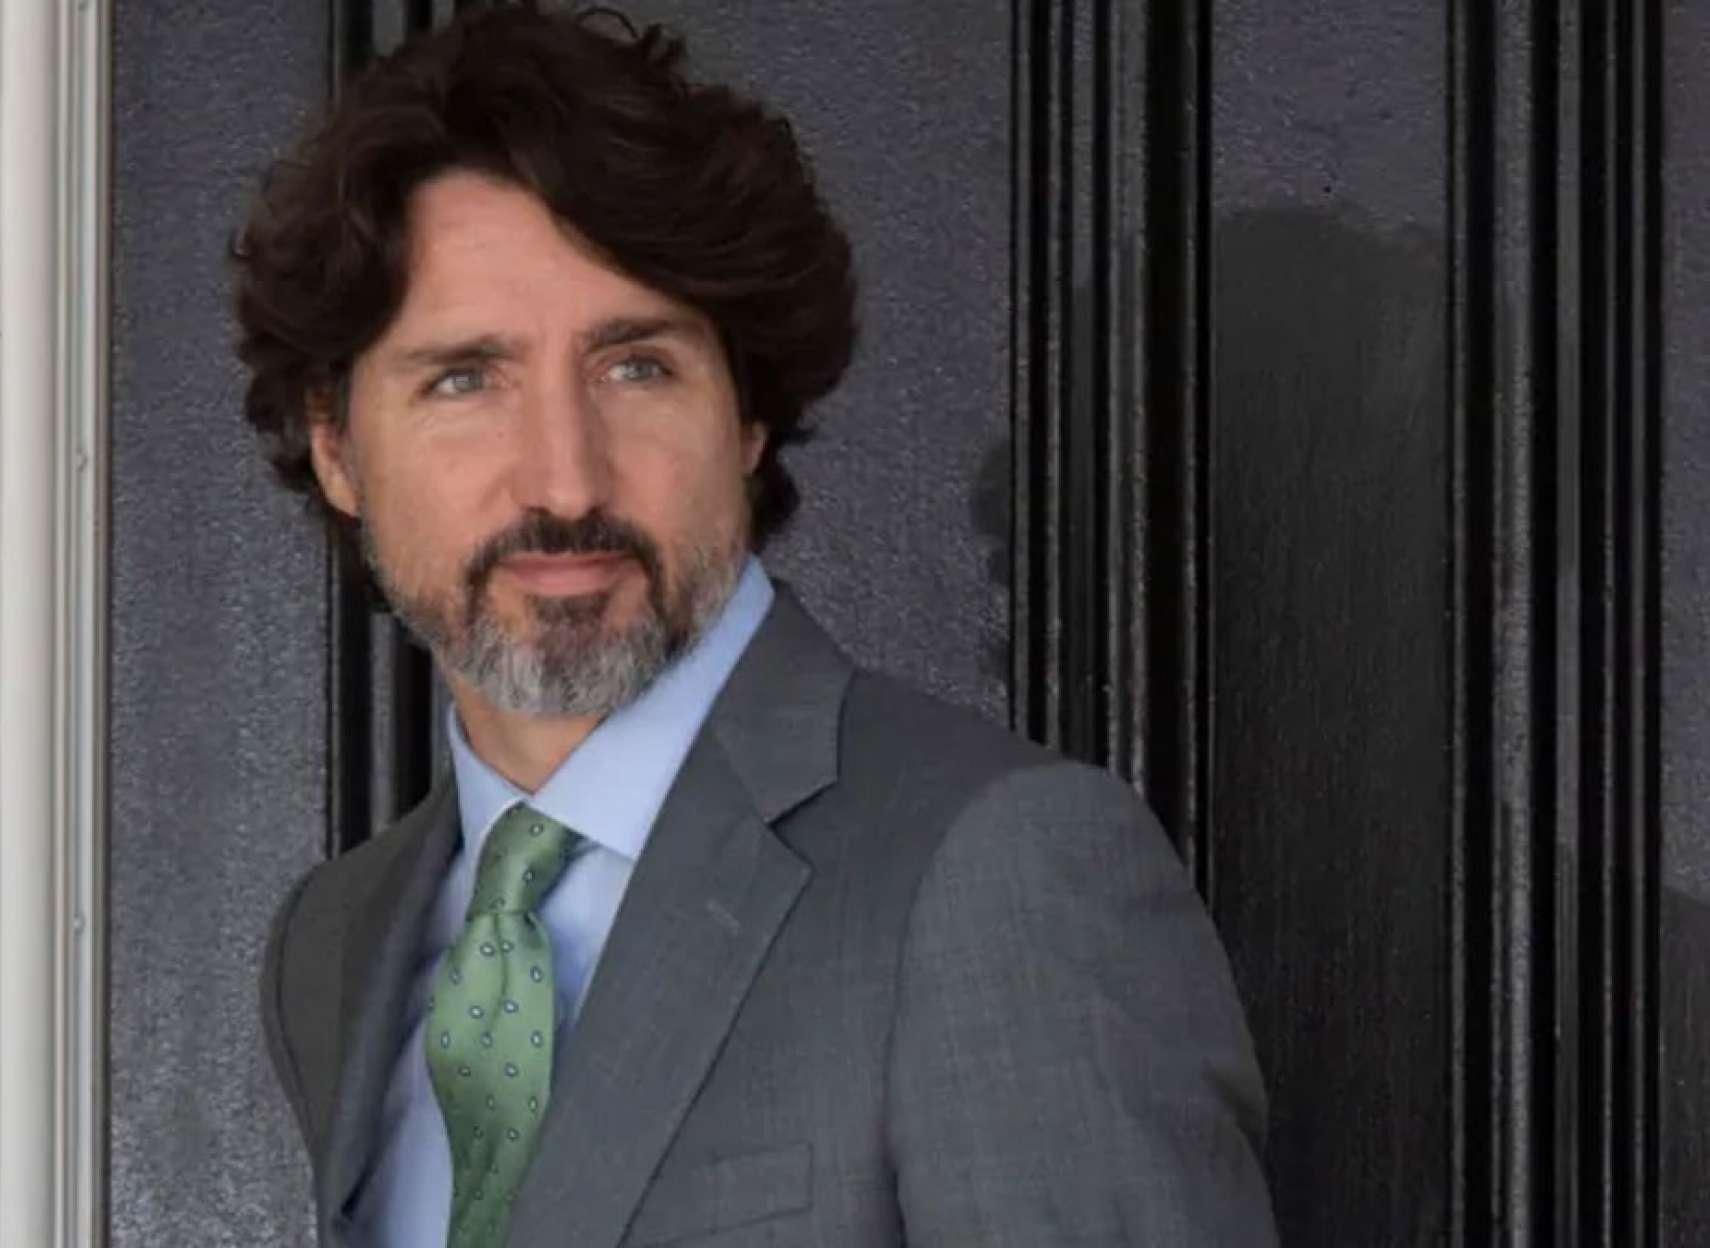 اخبار-کانادا-ترودو-کمک-های-مالی-کانادا-۲-ماه-دیگر-ادامه-می-یابد-شرایط-عوض-می-شود